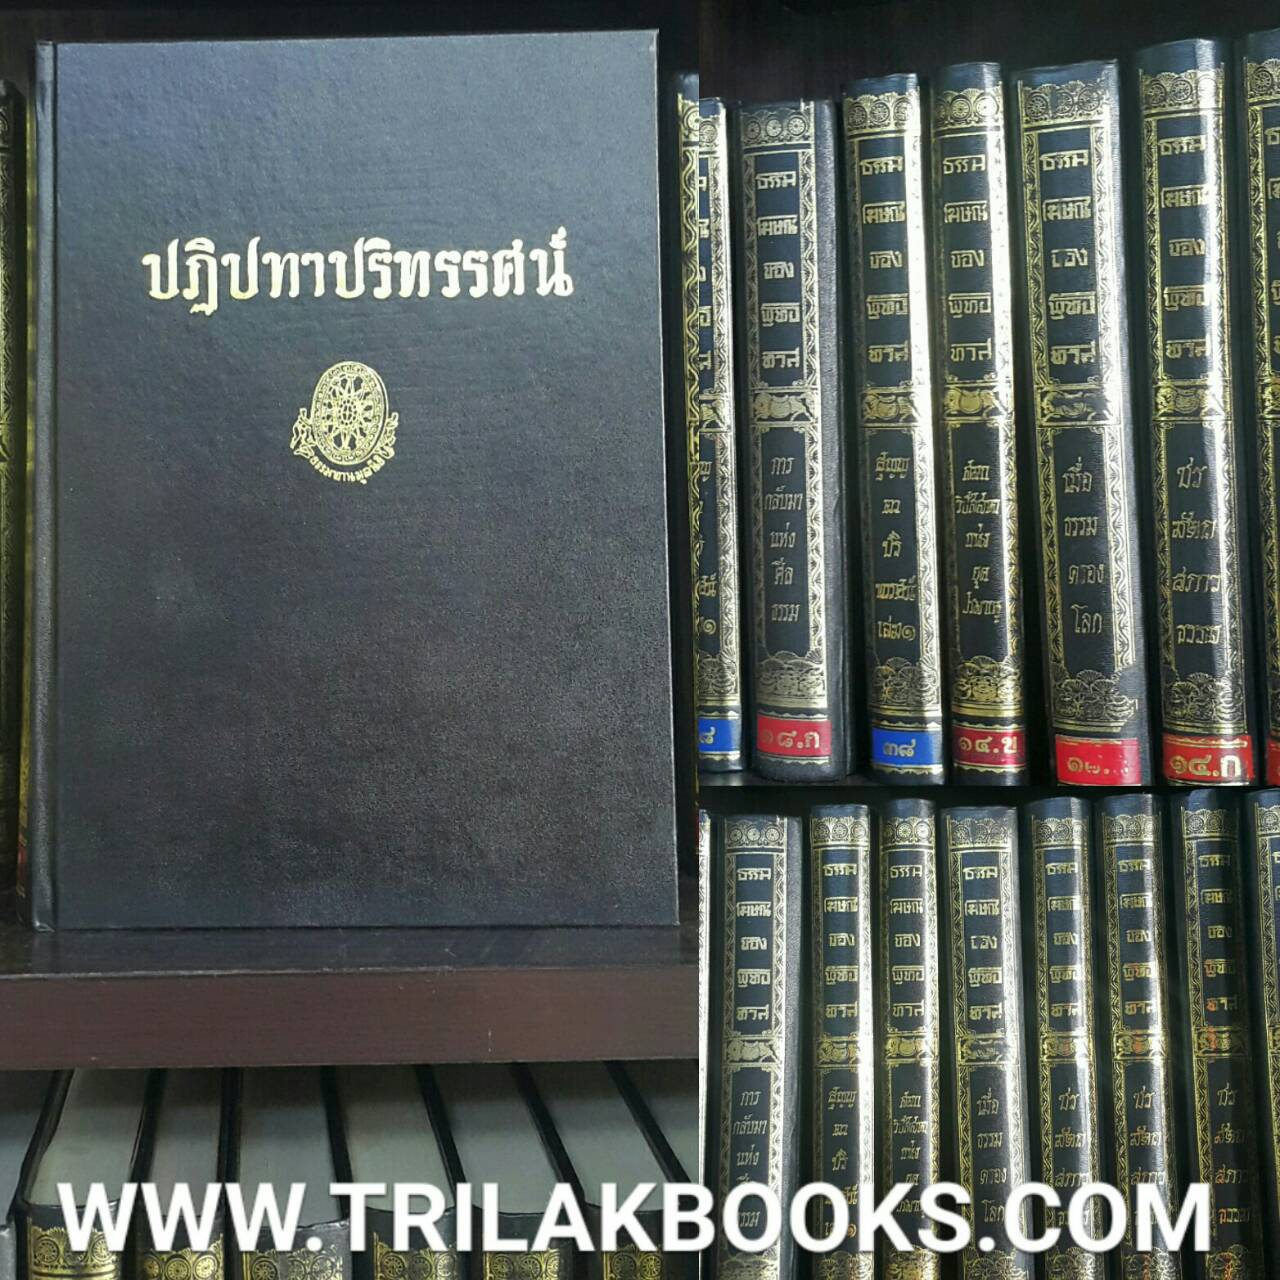 หนังสือชุดธรรมโฆษณ์ของหลวงพ่อพุทธทาสภิกขุ